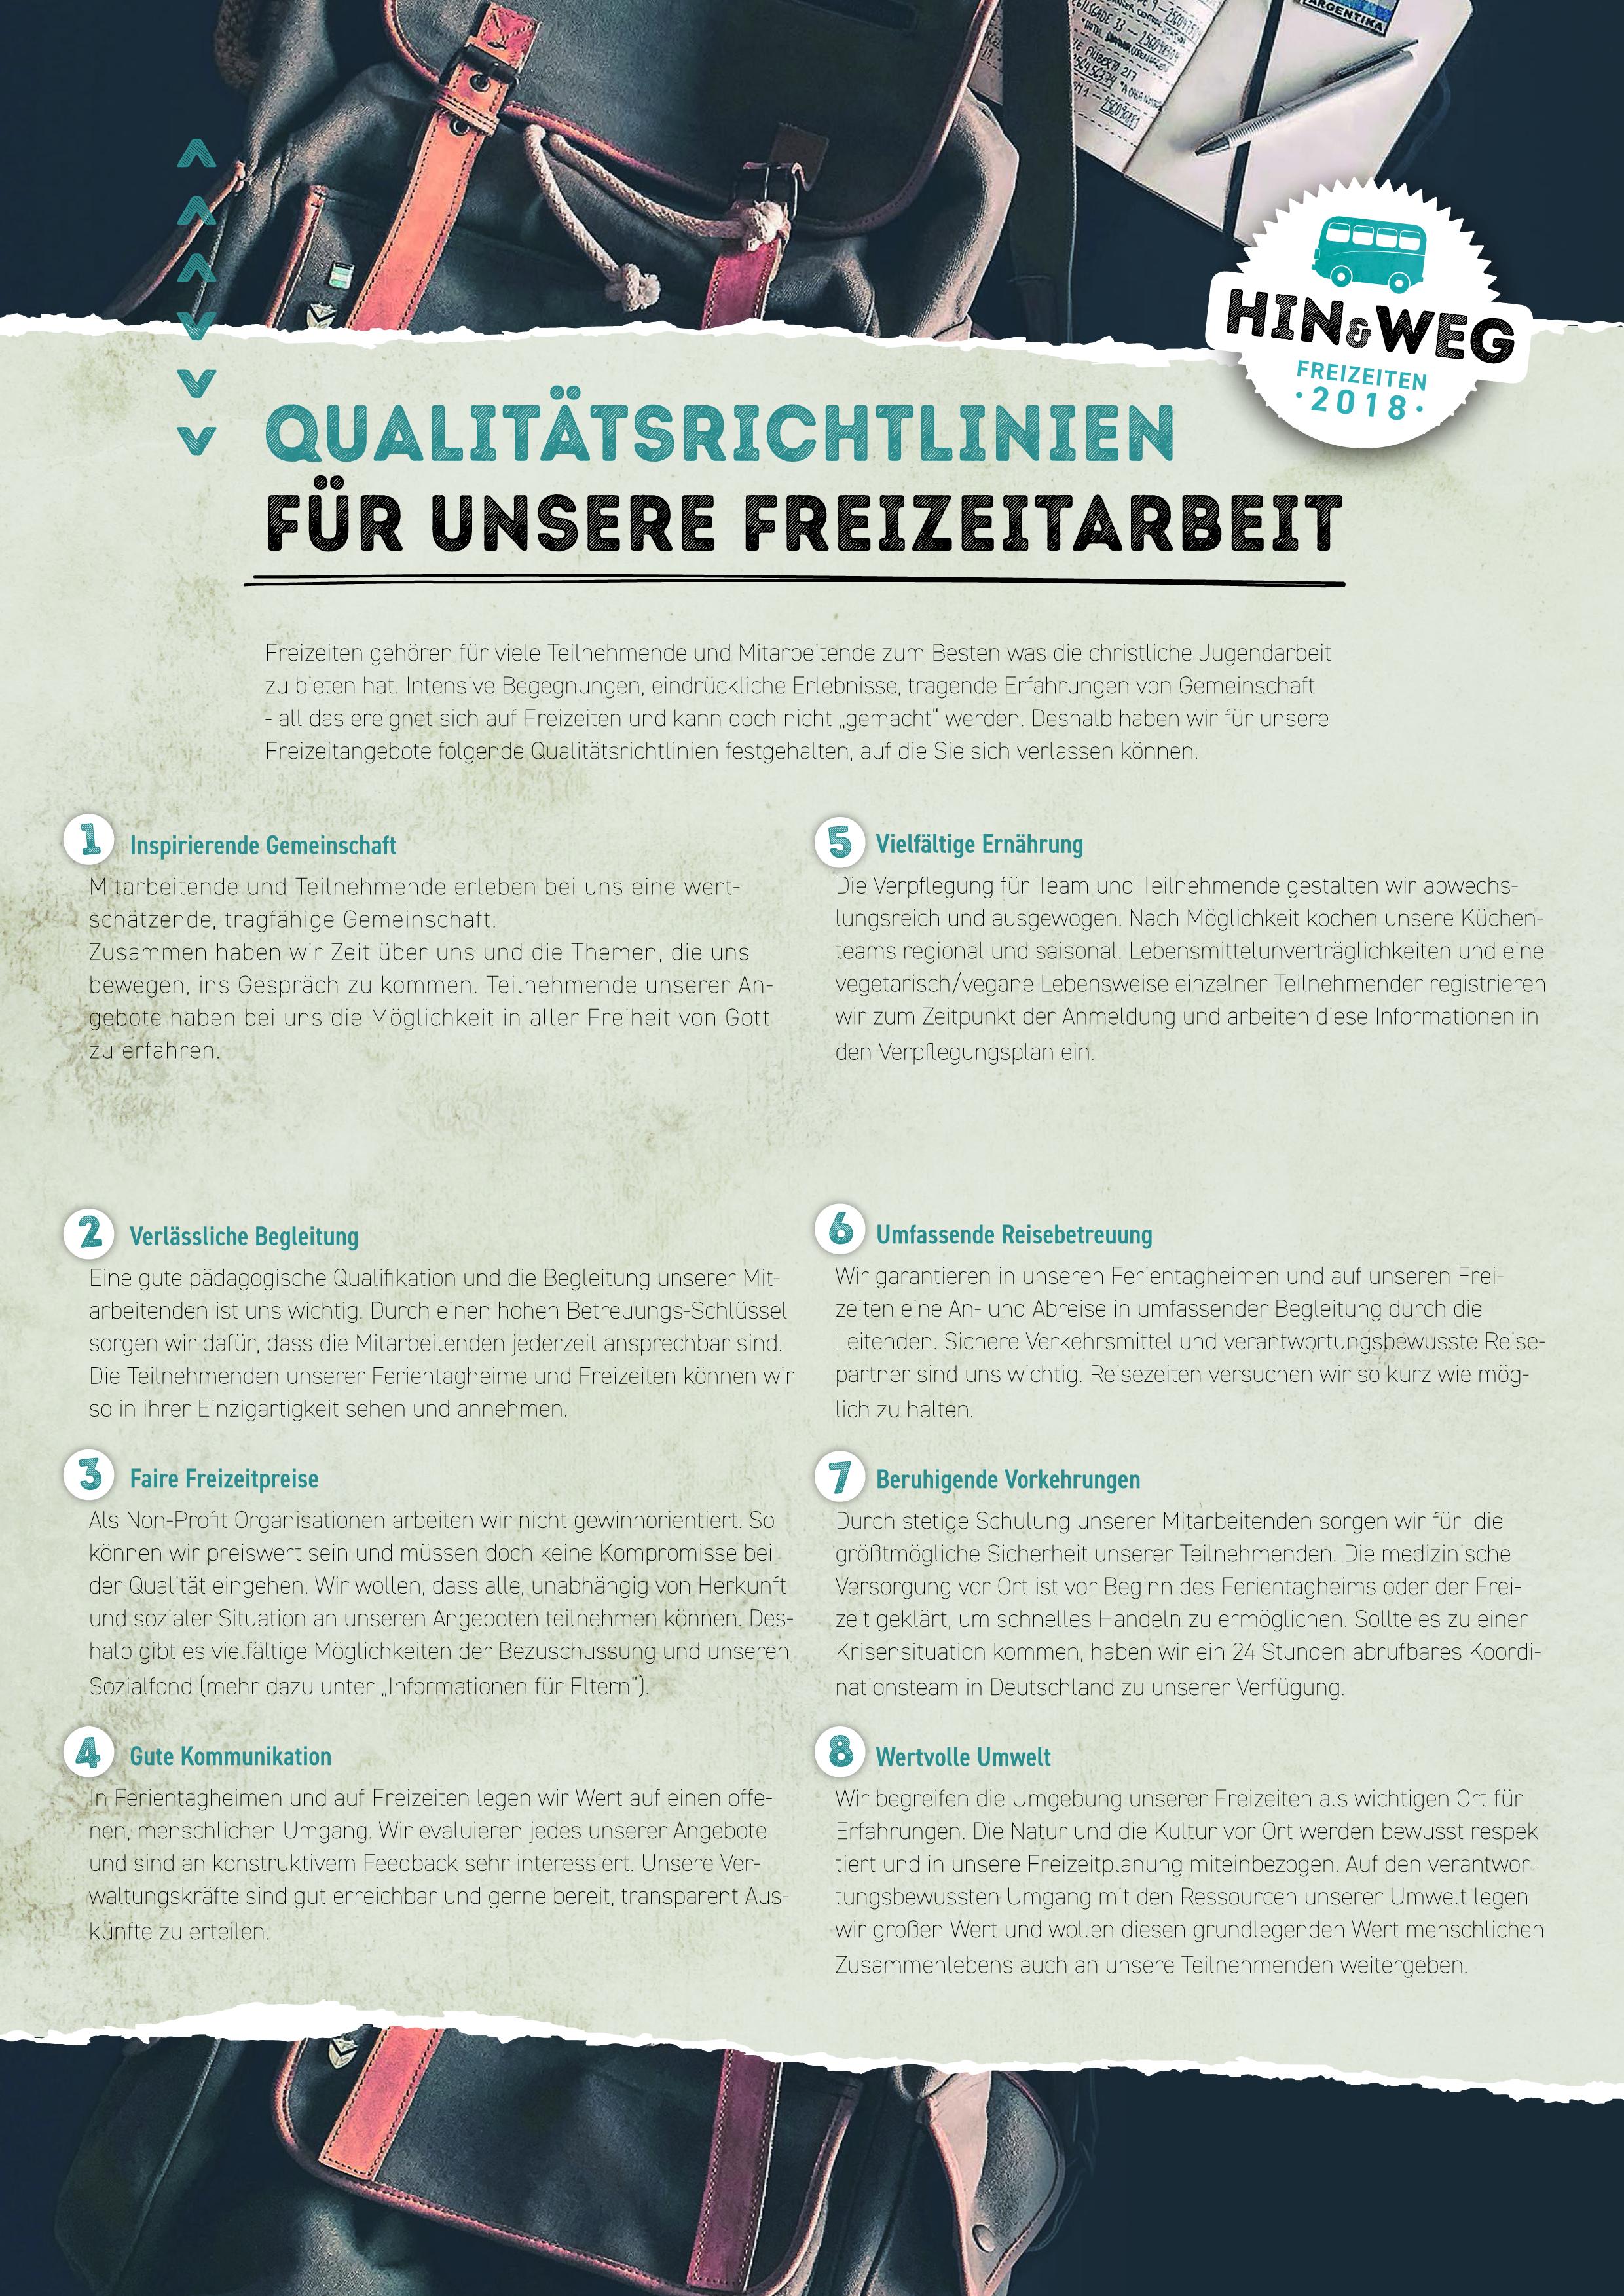 Gemütlich Freiseiten Ideen - Malvorlagen Von Tieren - ngadi.info